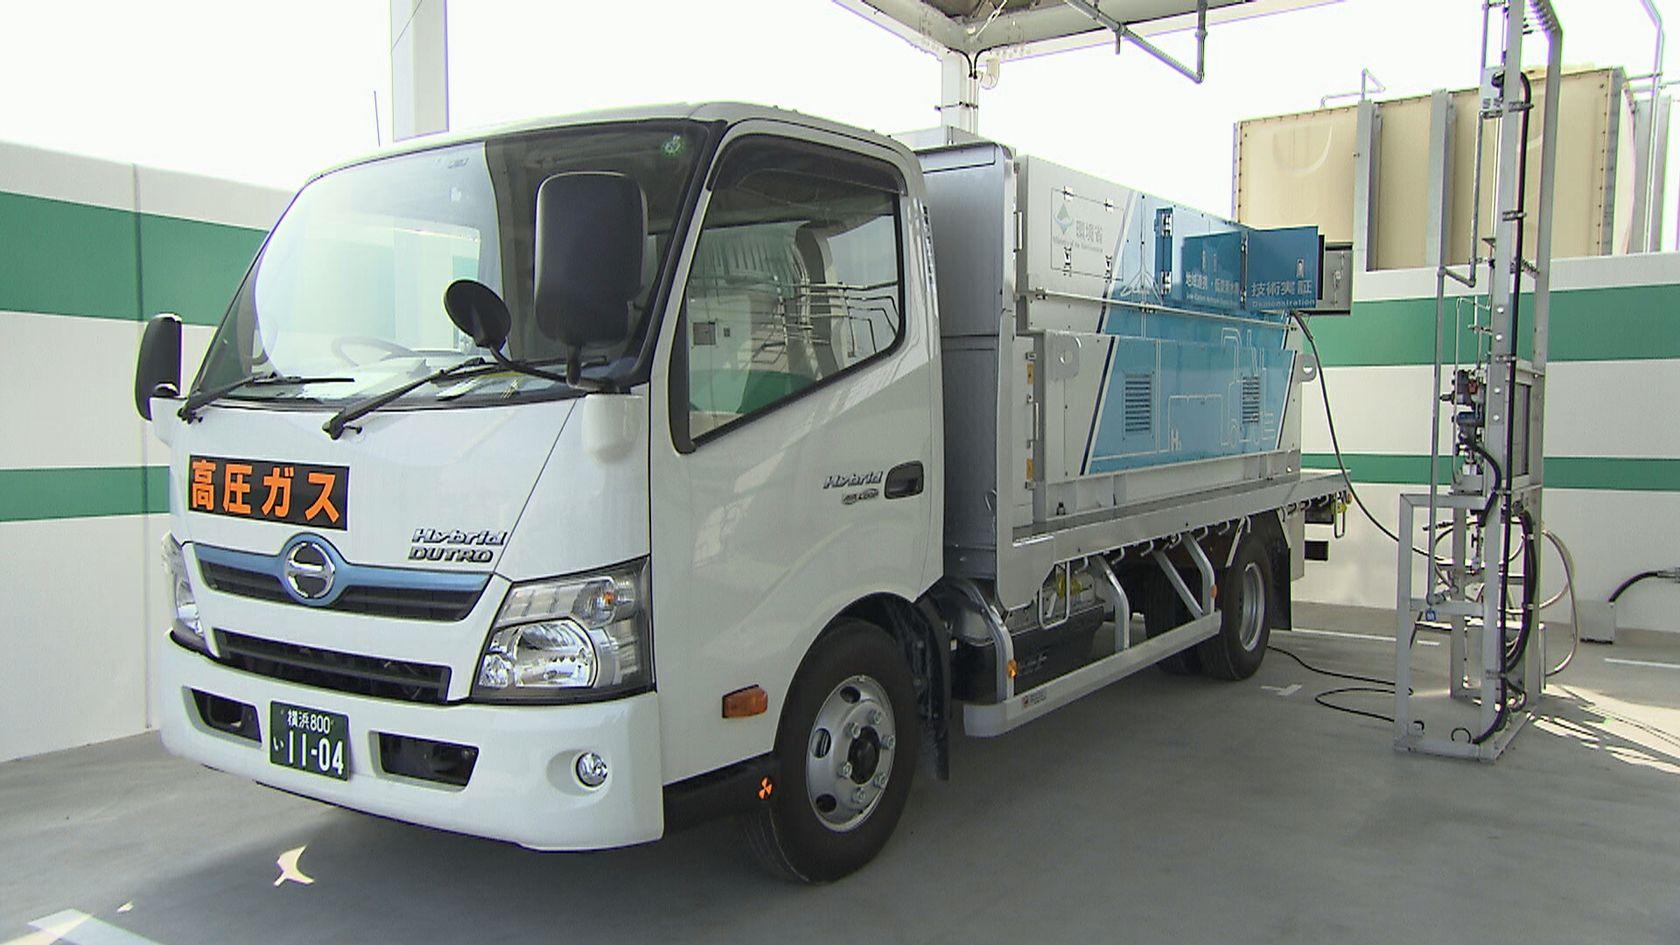 Hydrogen fueling truck